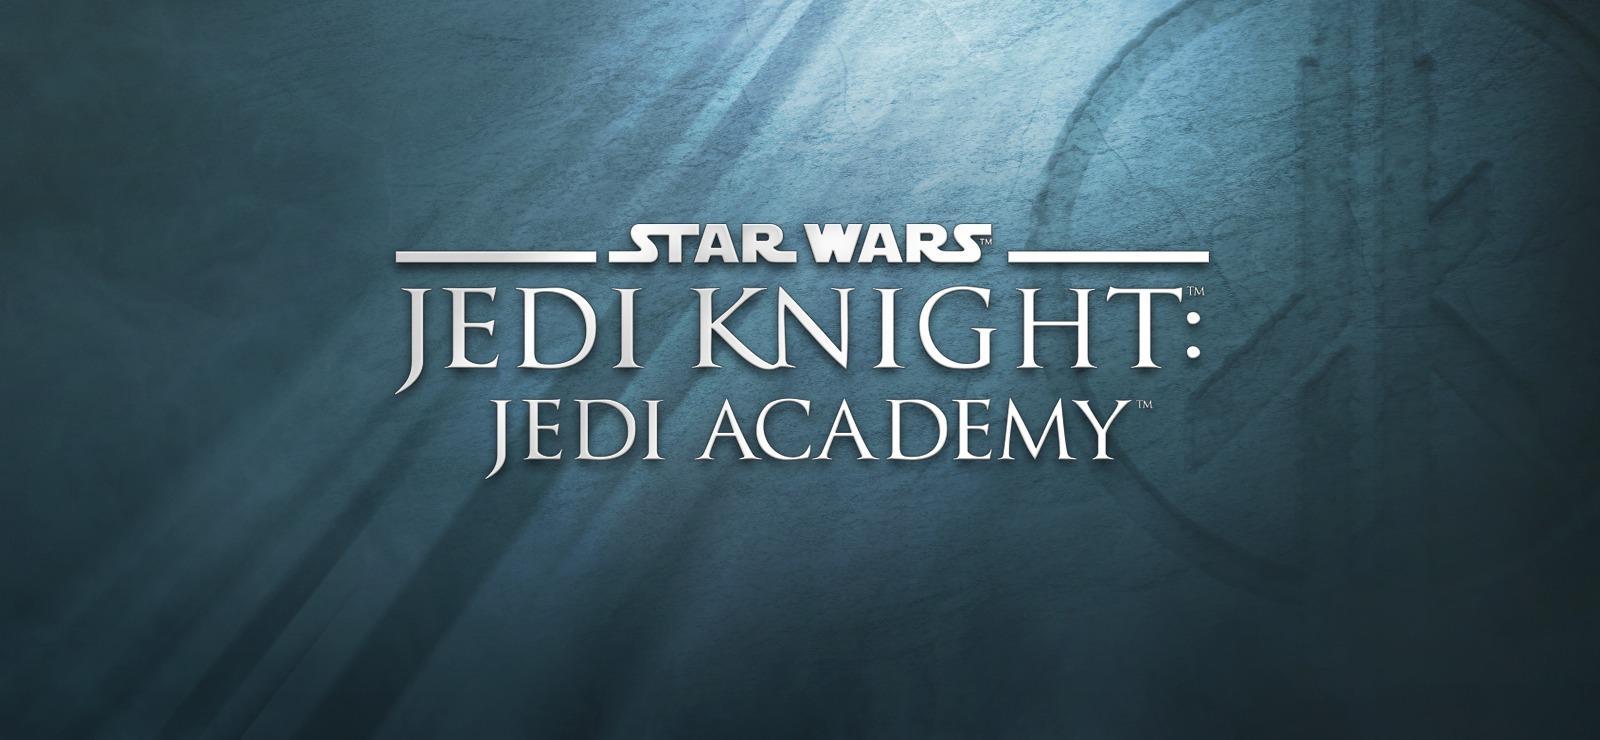 Nostalgia Shots Jedi Knight Jedi Academy Big Friendly Gun